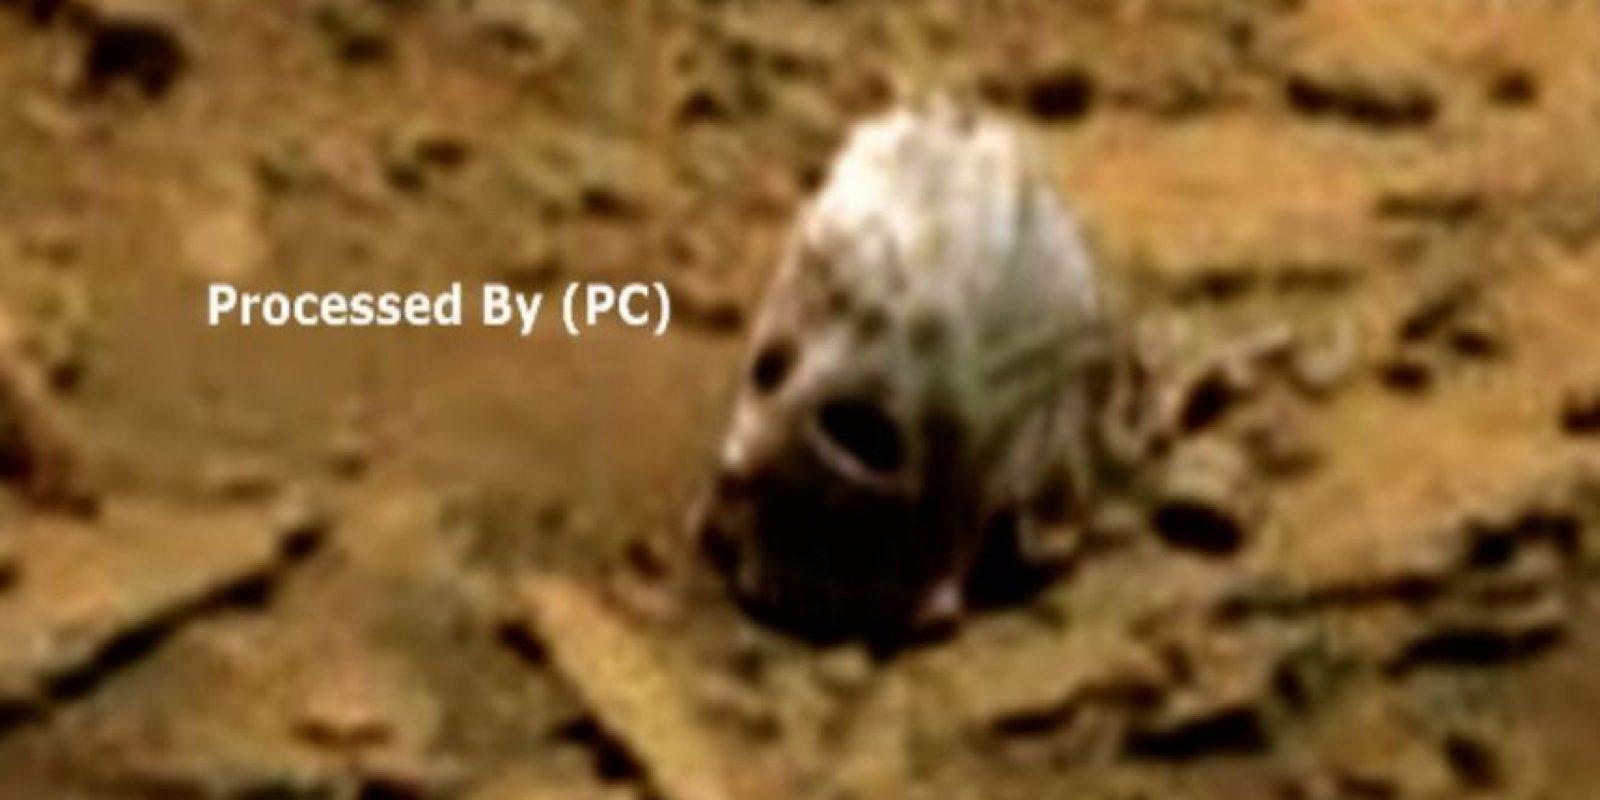 También hay quien alega que no es más que una piedra. Foto:Paranormal Crucible. Imagen Por: